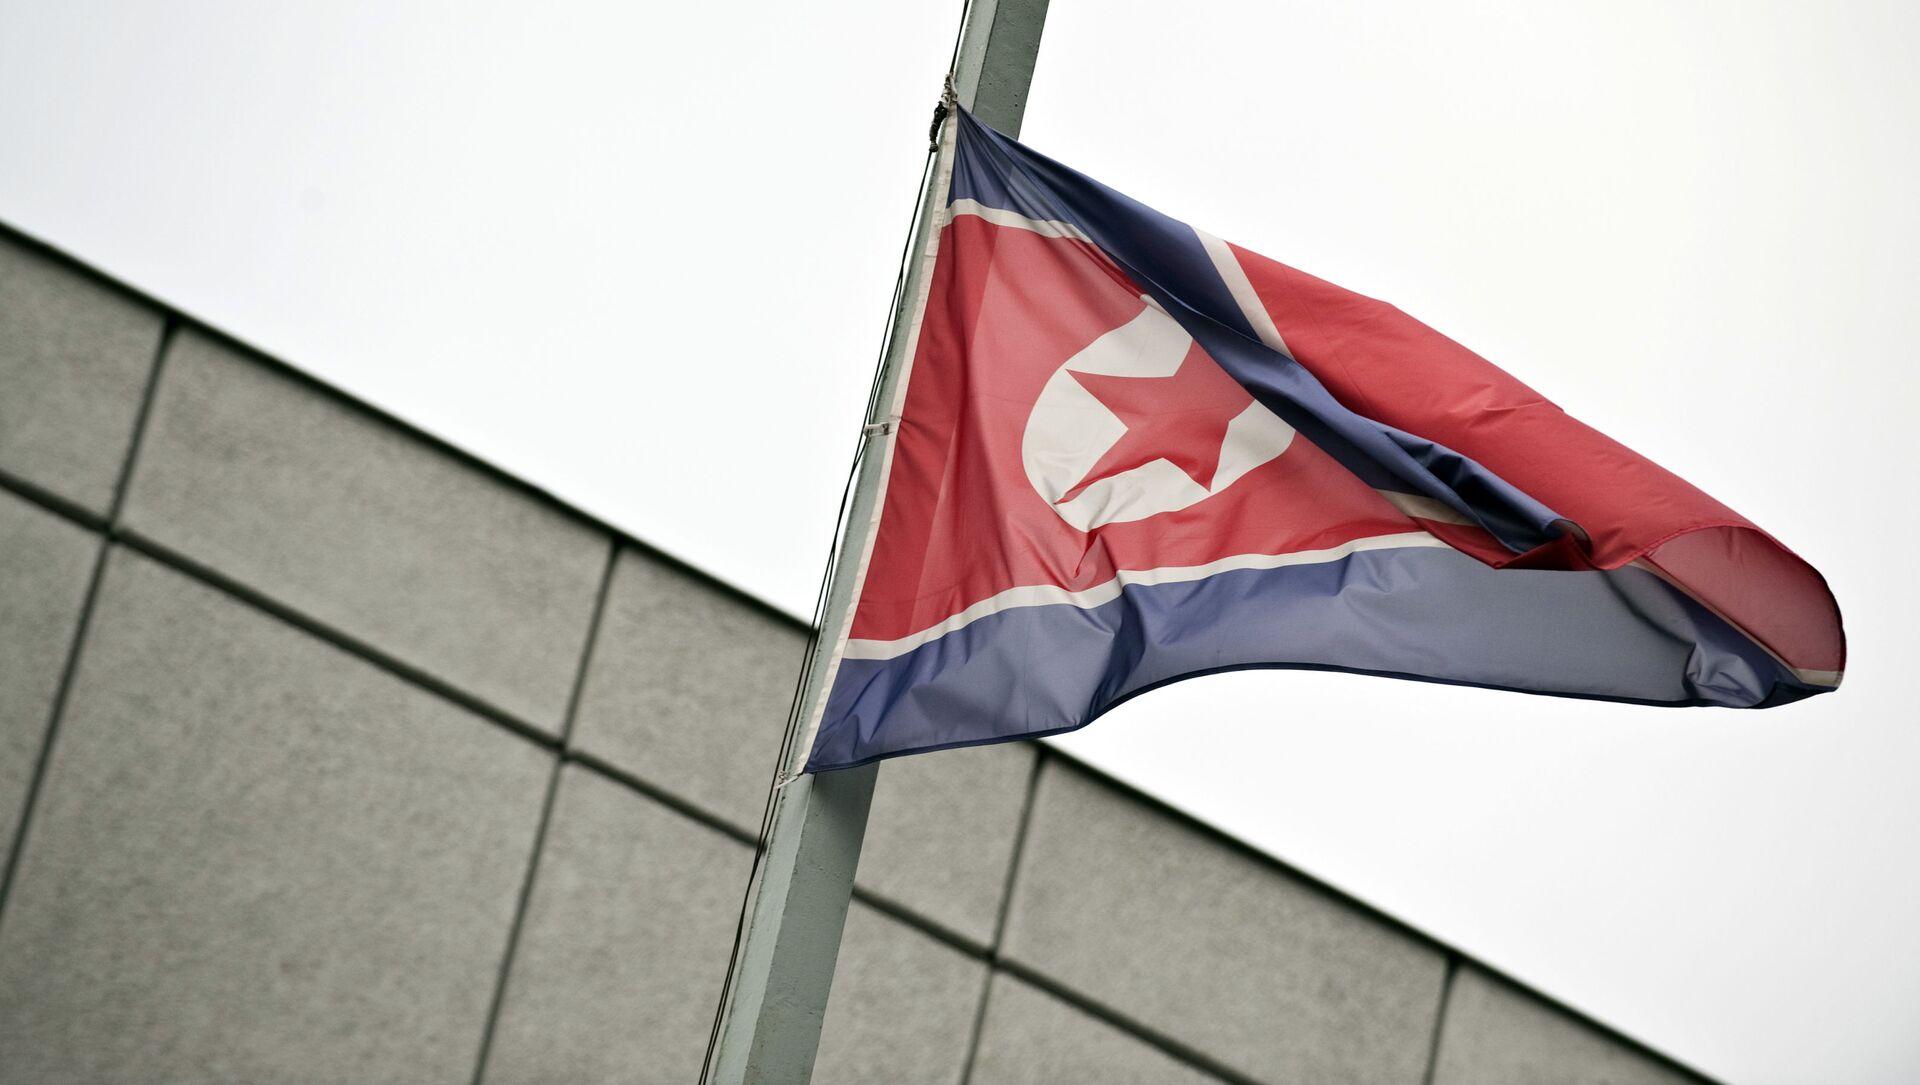 Bandiera della Corea del Nord - Sputnik Italia, 1920, 23.03.2021